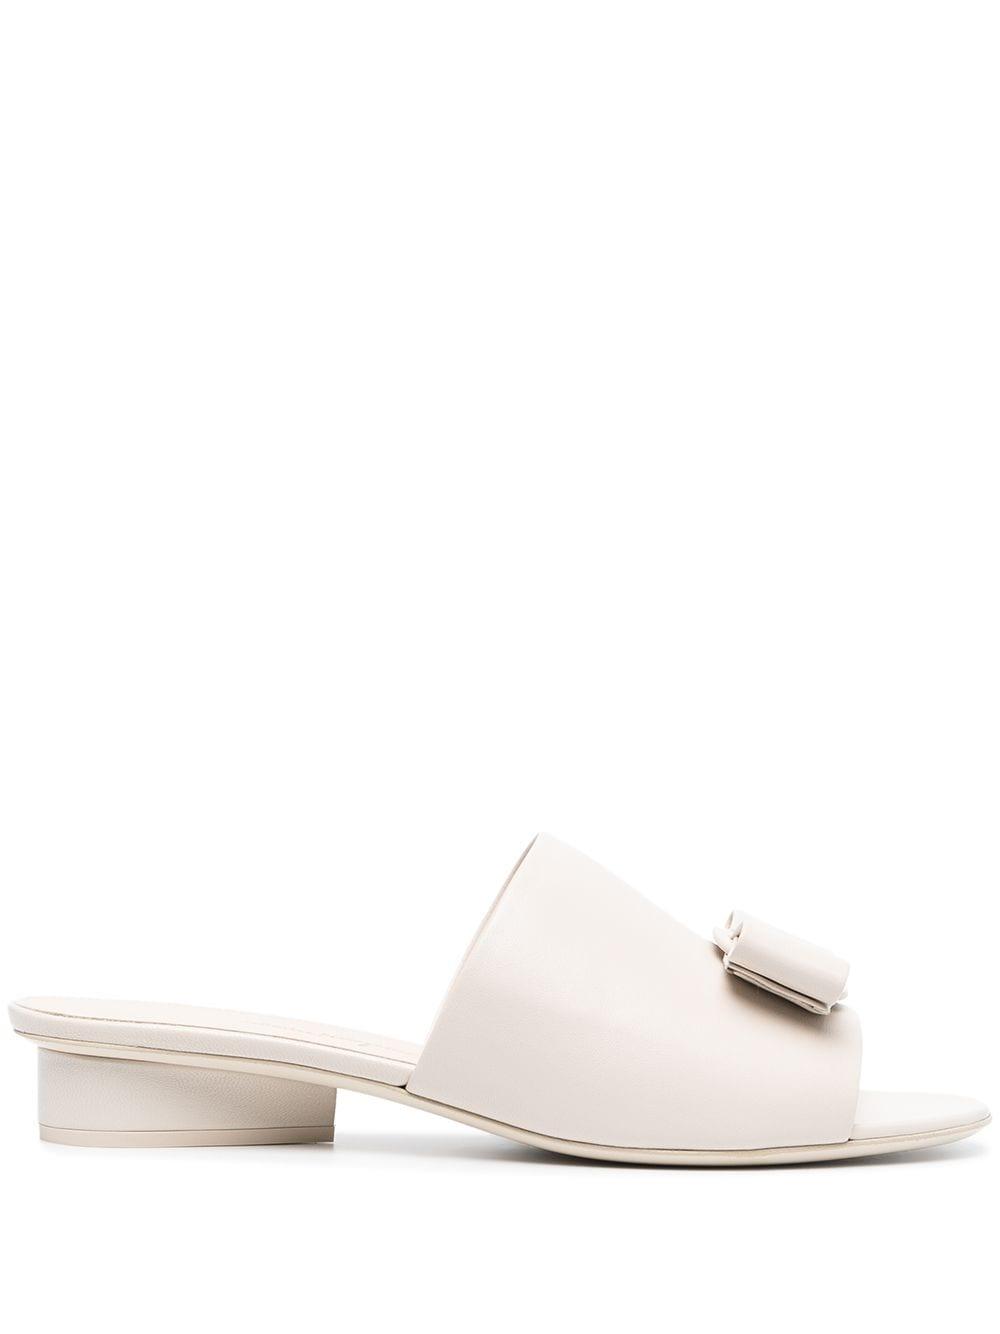 Picture of Ferragamo | Double Bow Mule Sandals